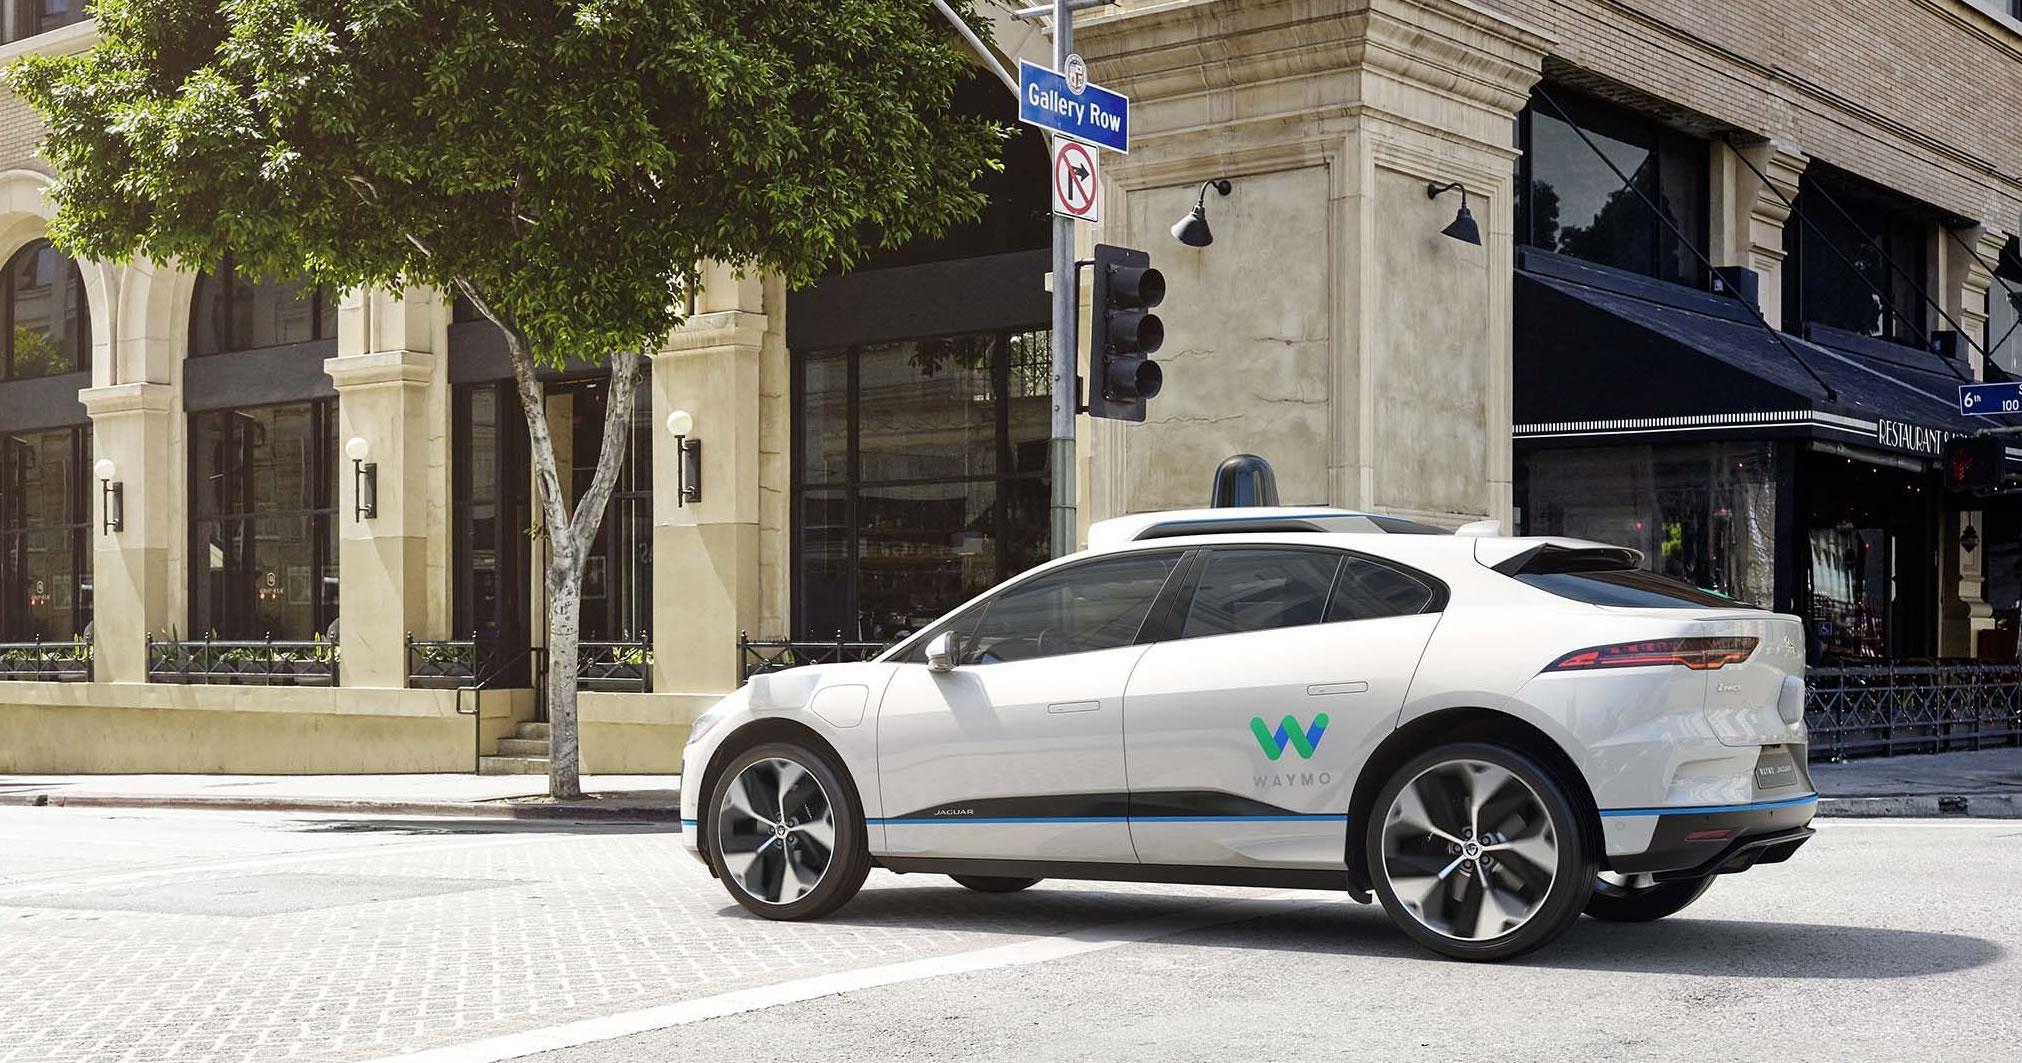 Waymo e Jaguar apresentam carro elétrico totalmente autónomo - Pplware 3963577350